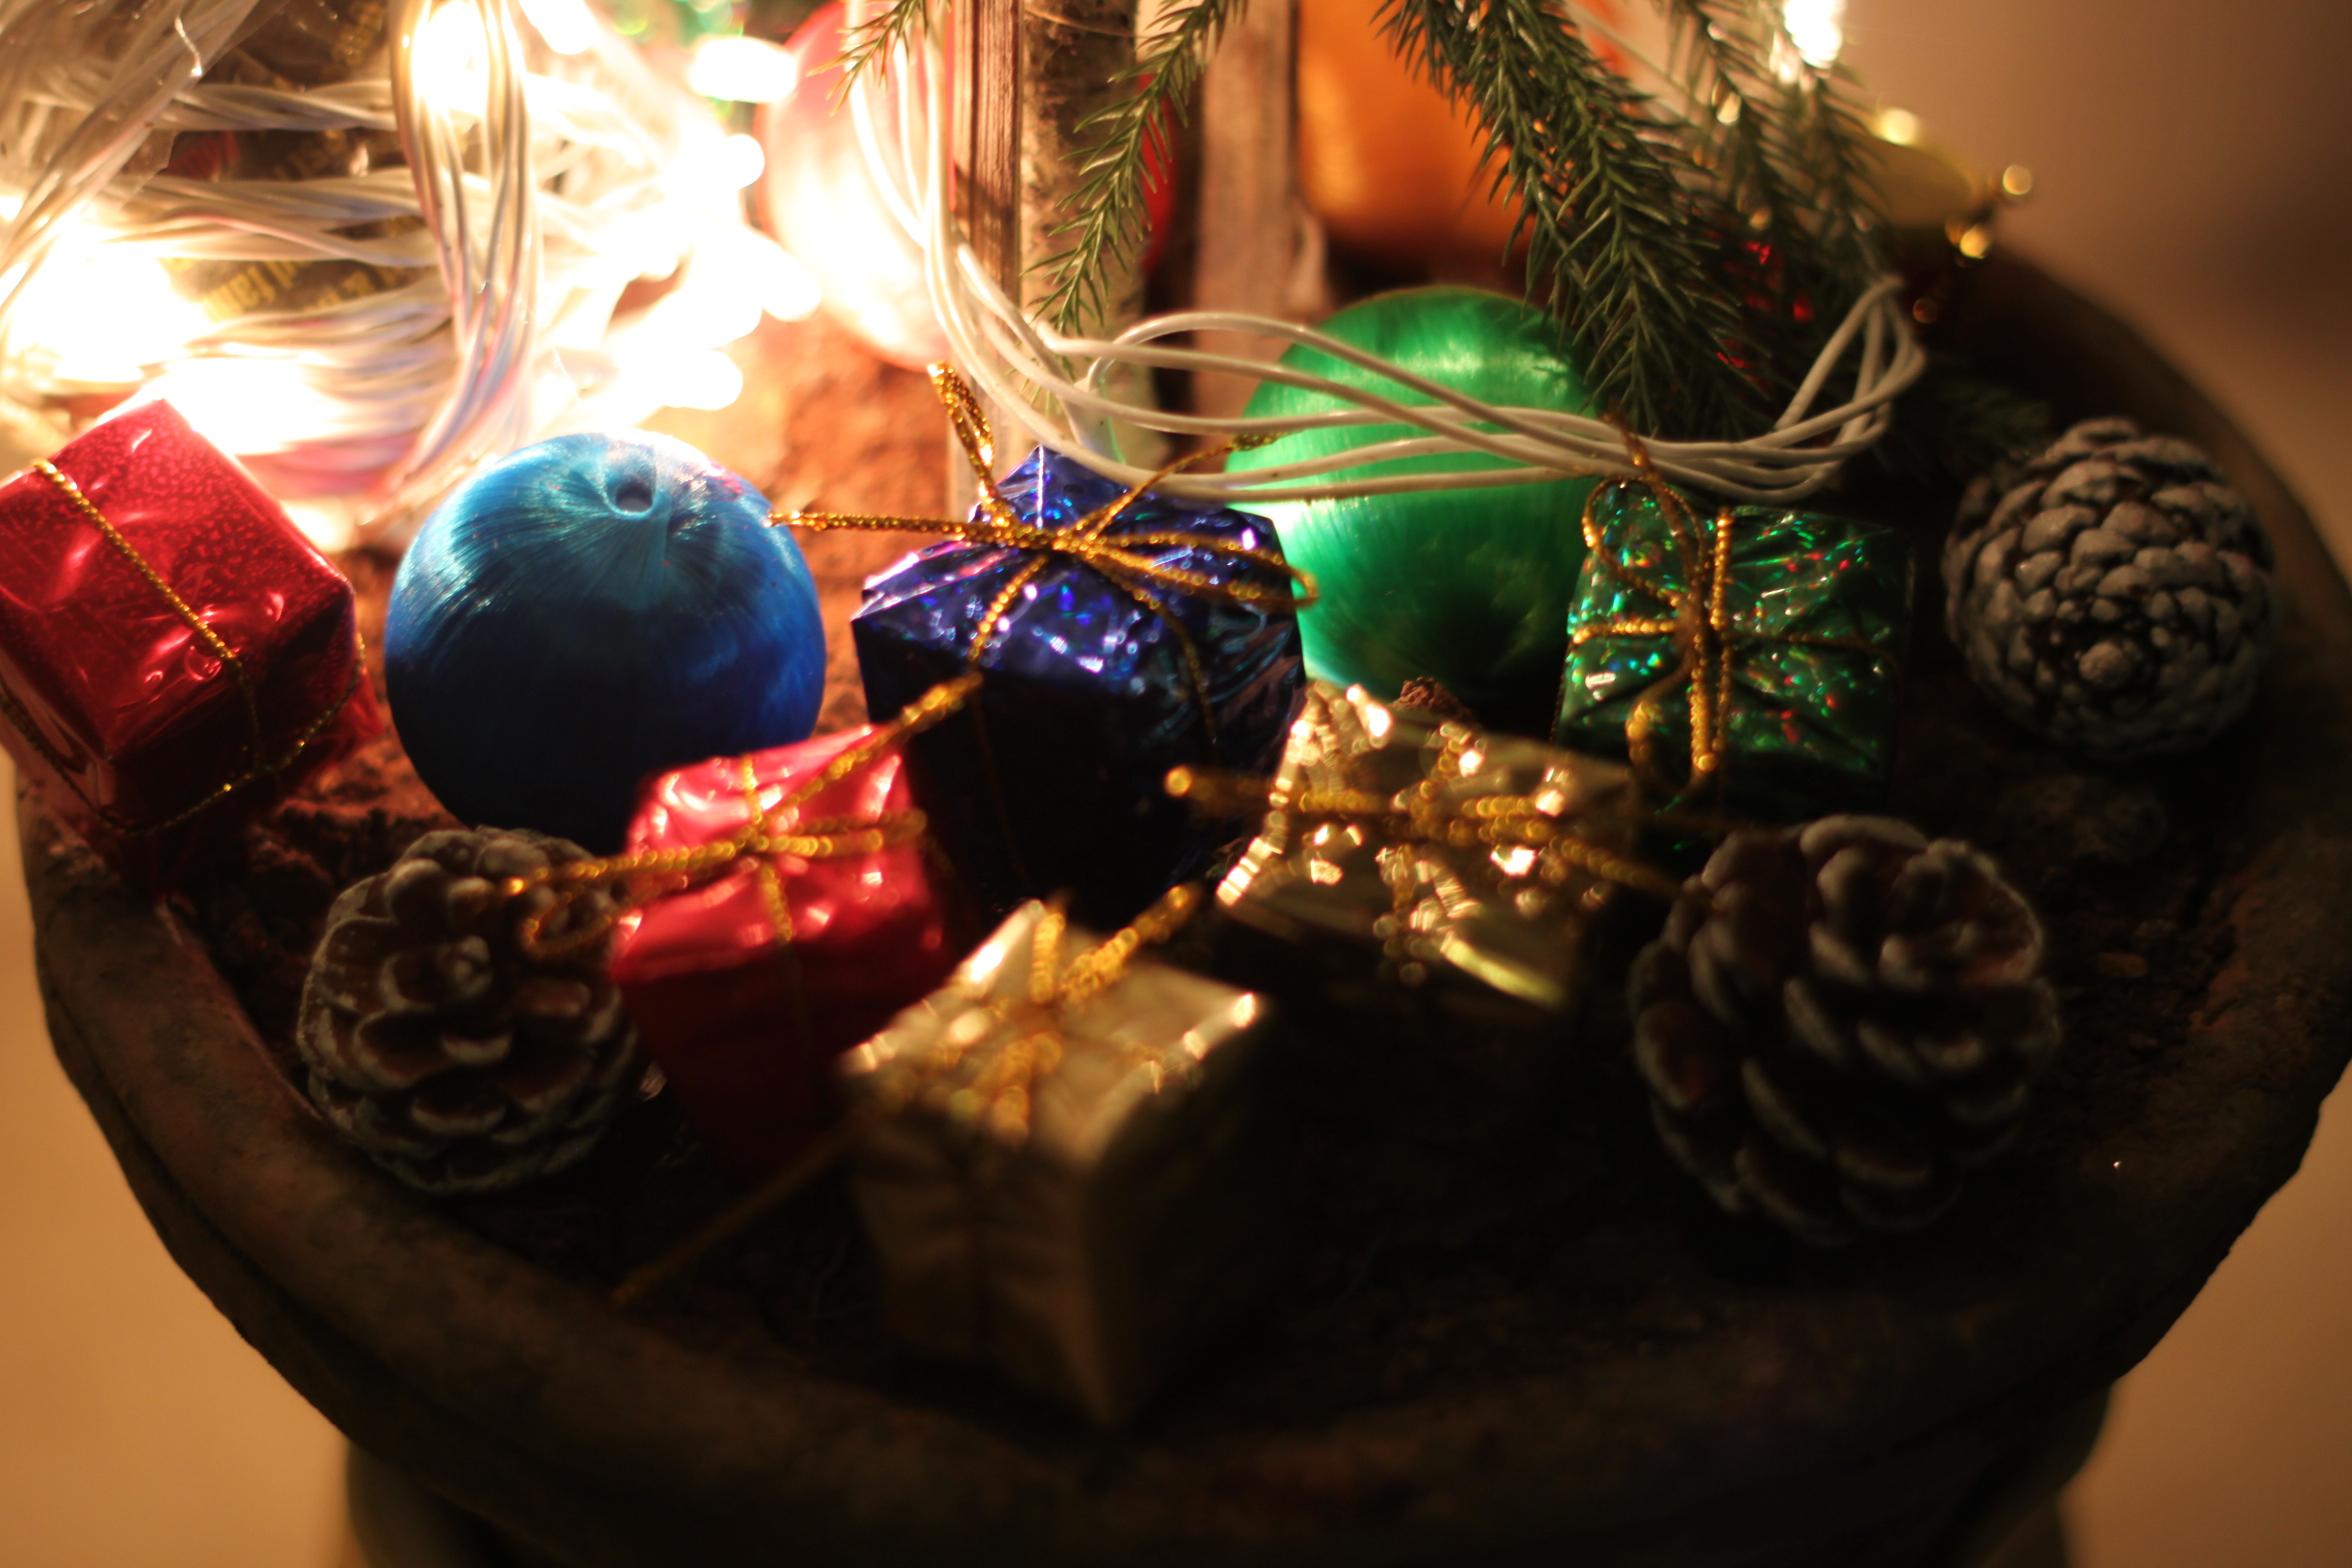 christmas 2015, Christmas tree decorations, christmas decorations, christmas